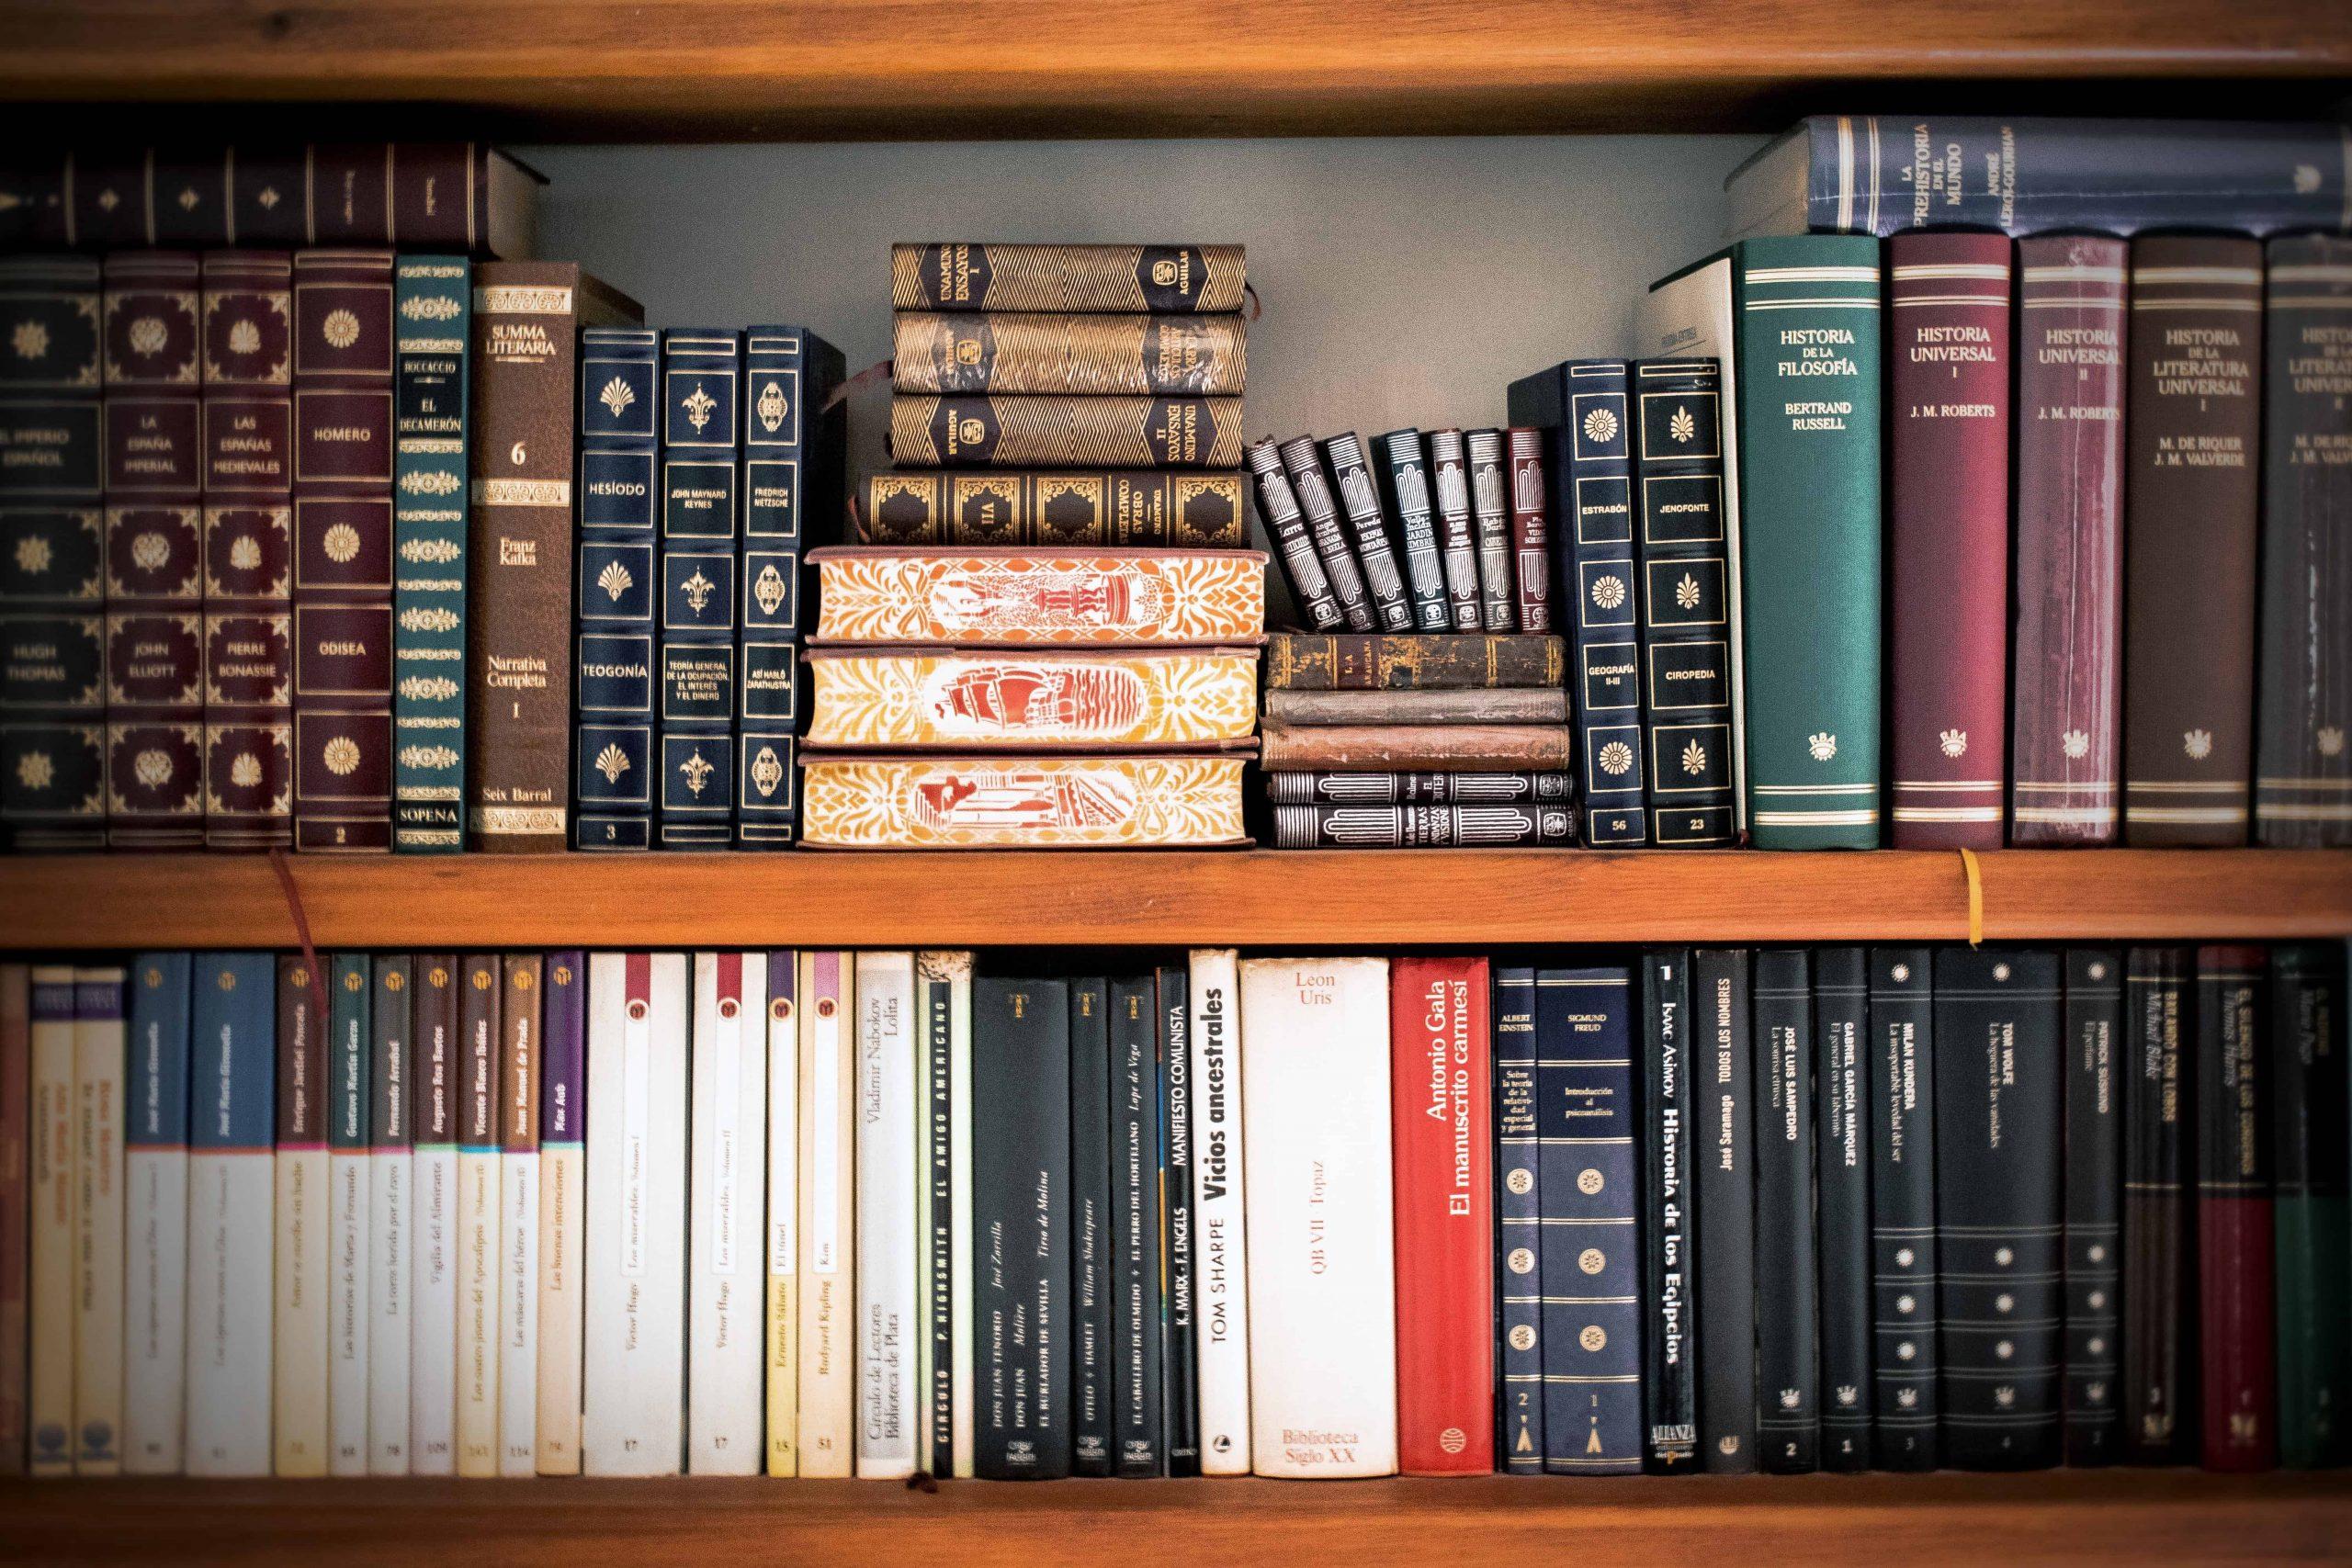 Livros em prateleiras.